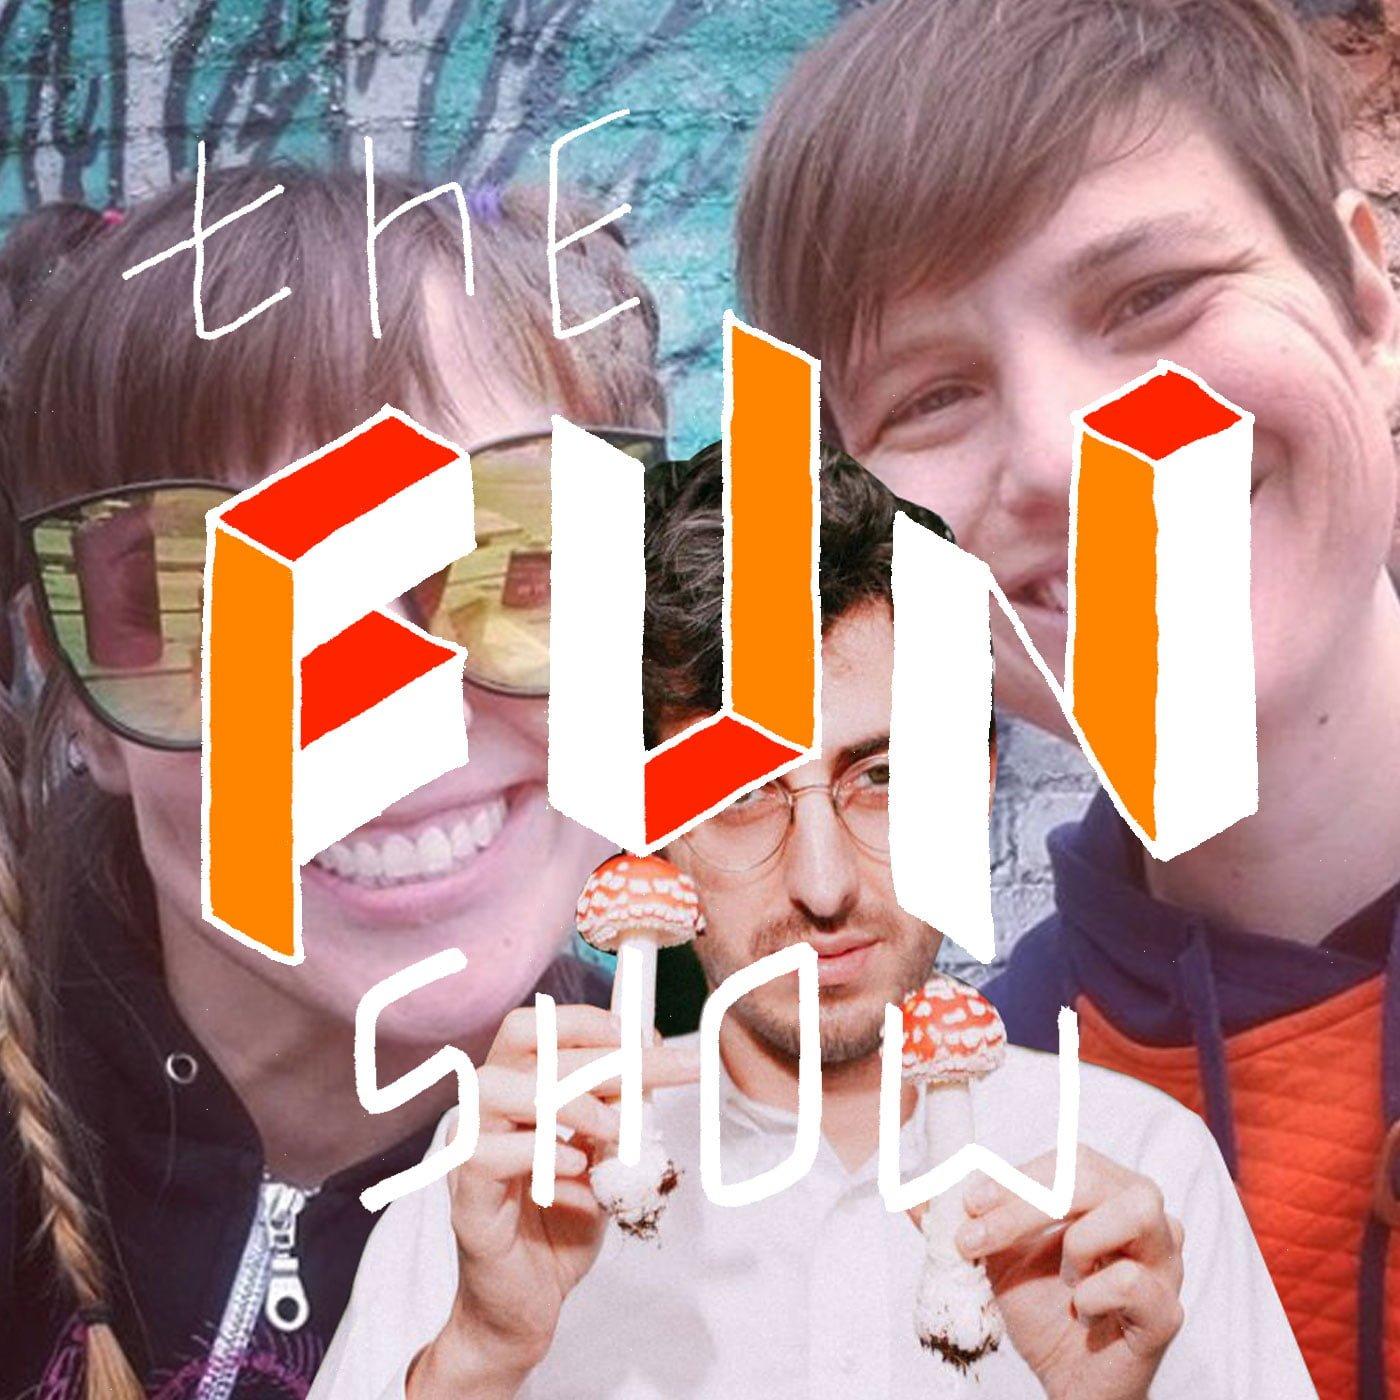 The Fun Show: S2E6